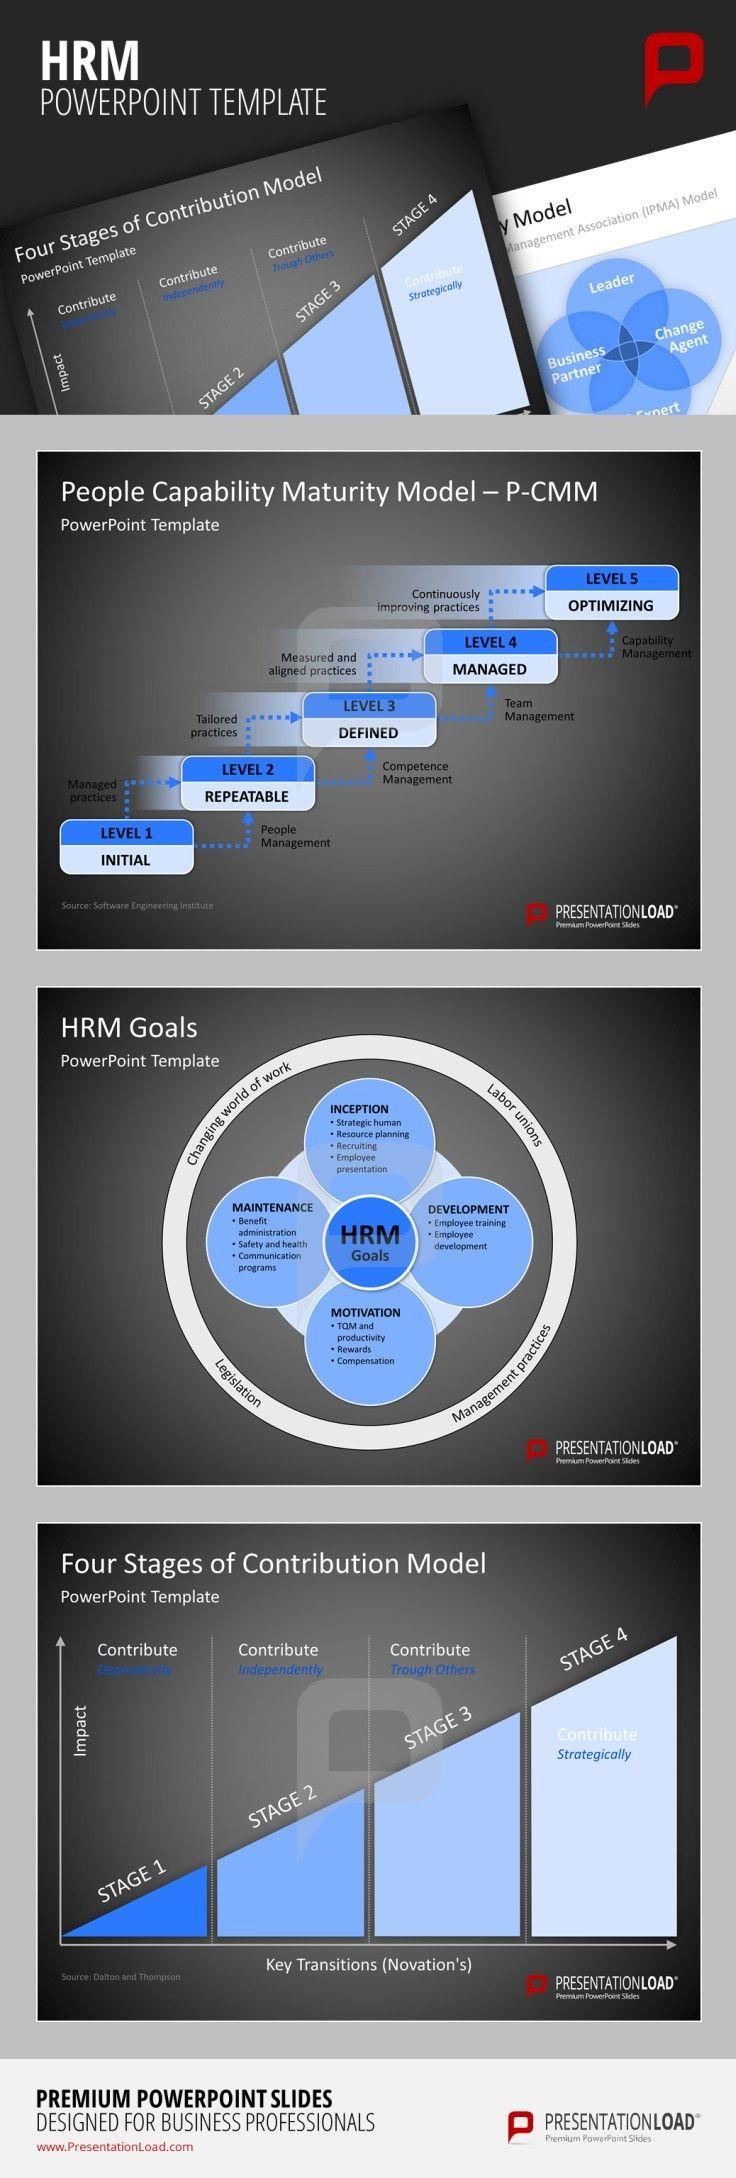 Human Resource Management PowerPoint Template #presentationload http ...